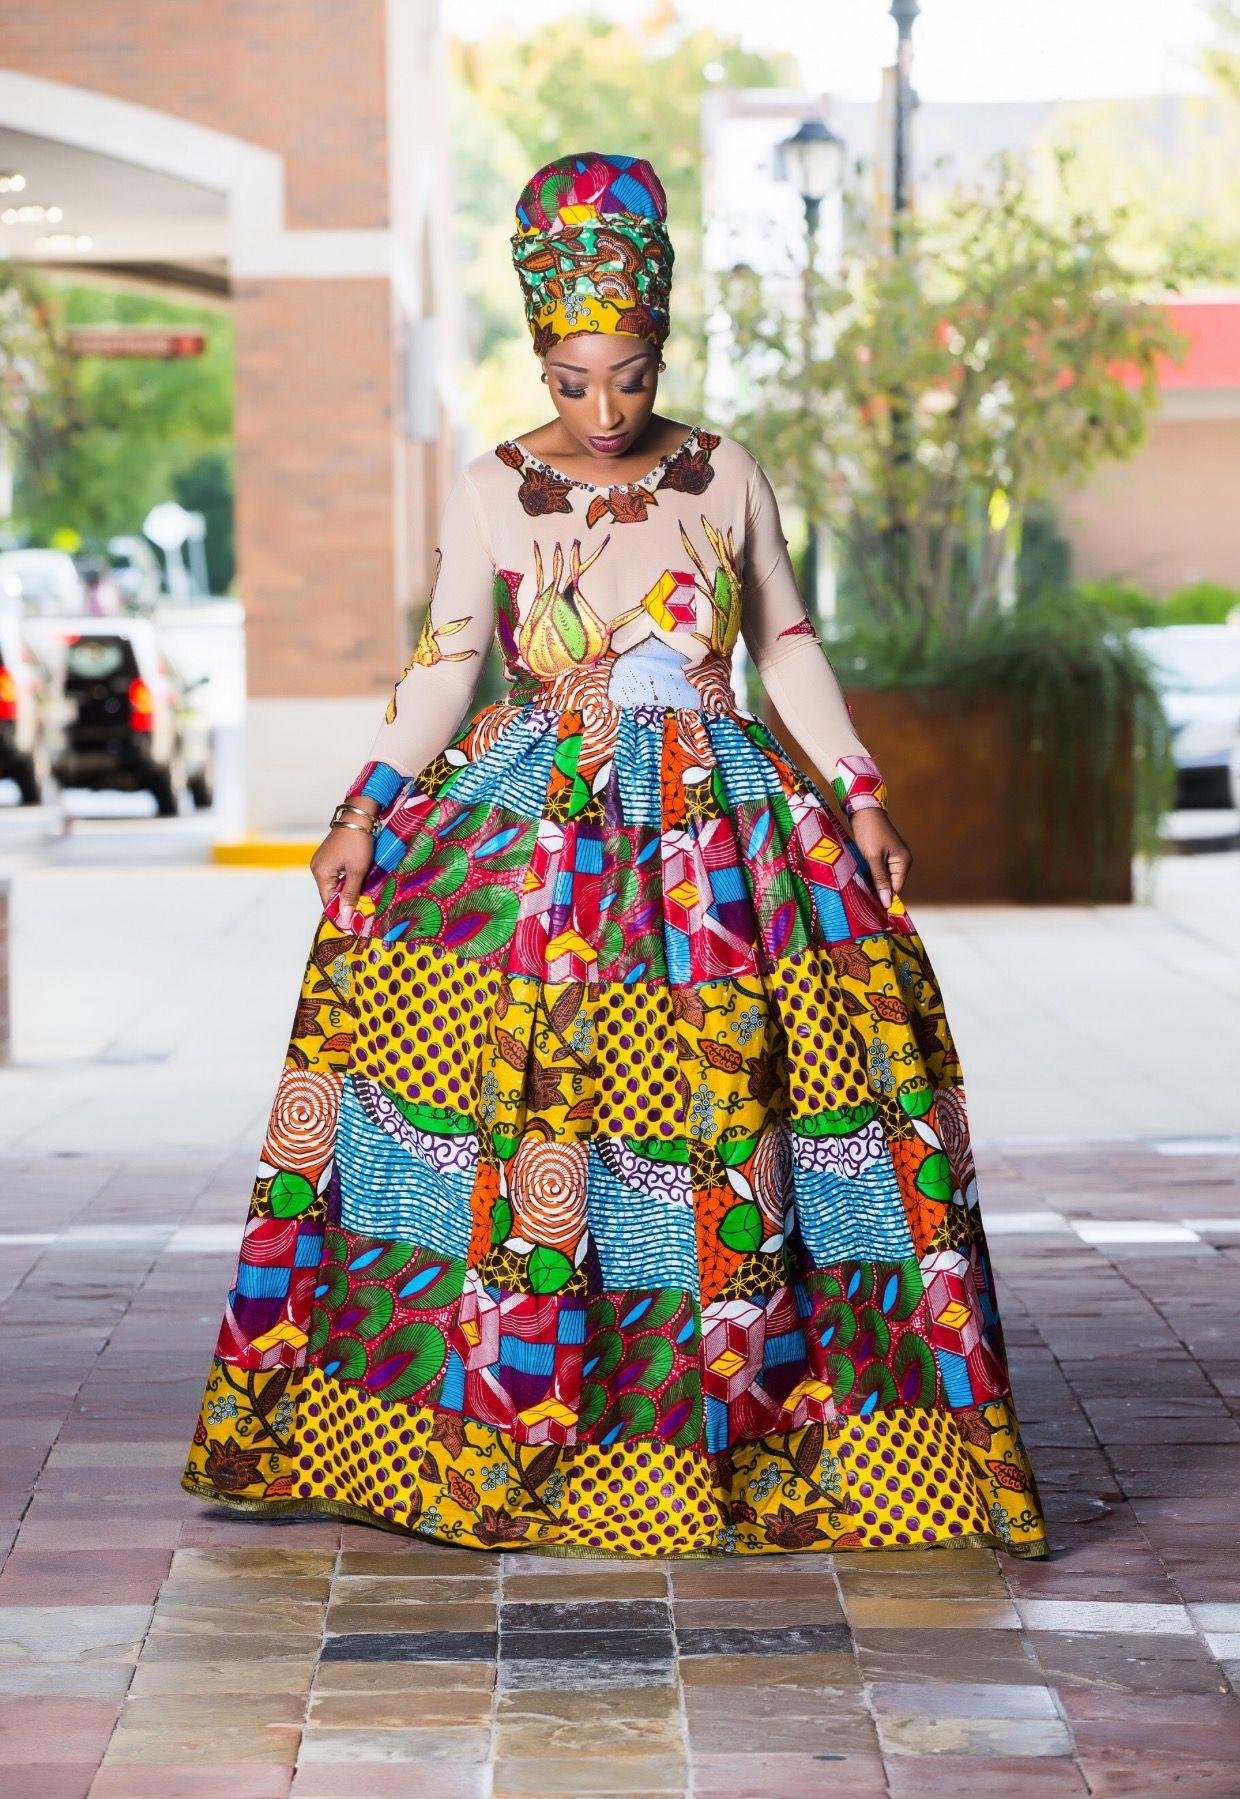 Trending nigerian fashion nigeria fashion african fashion african